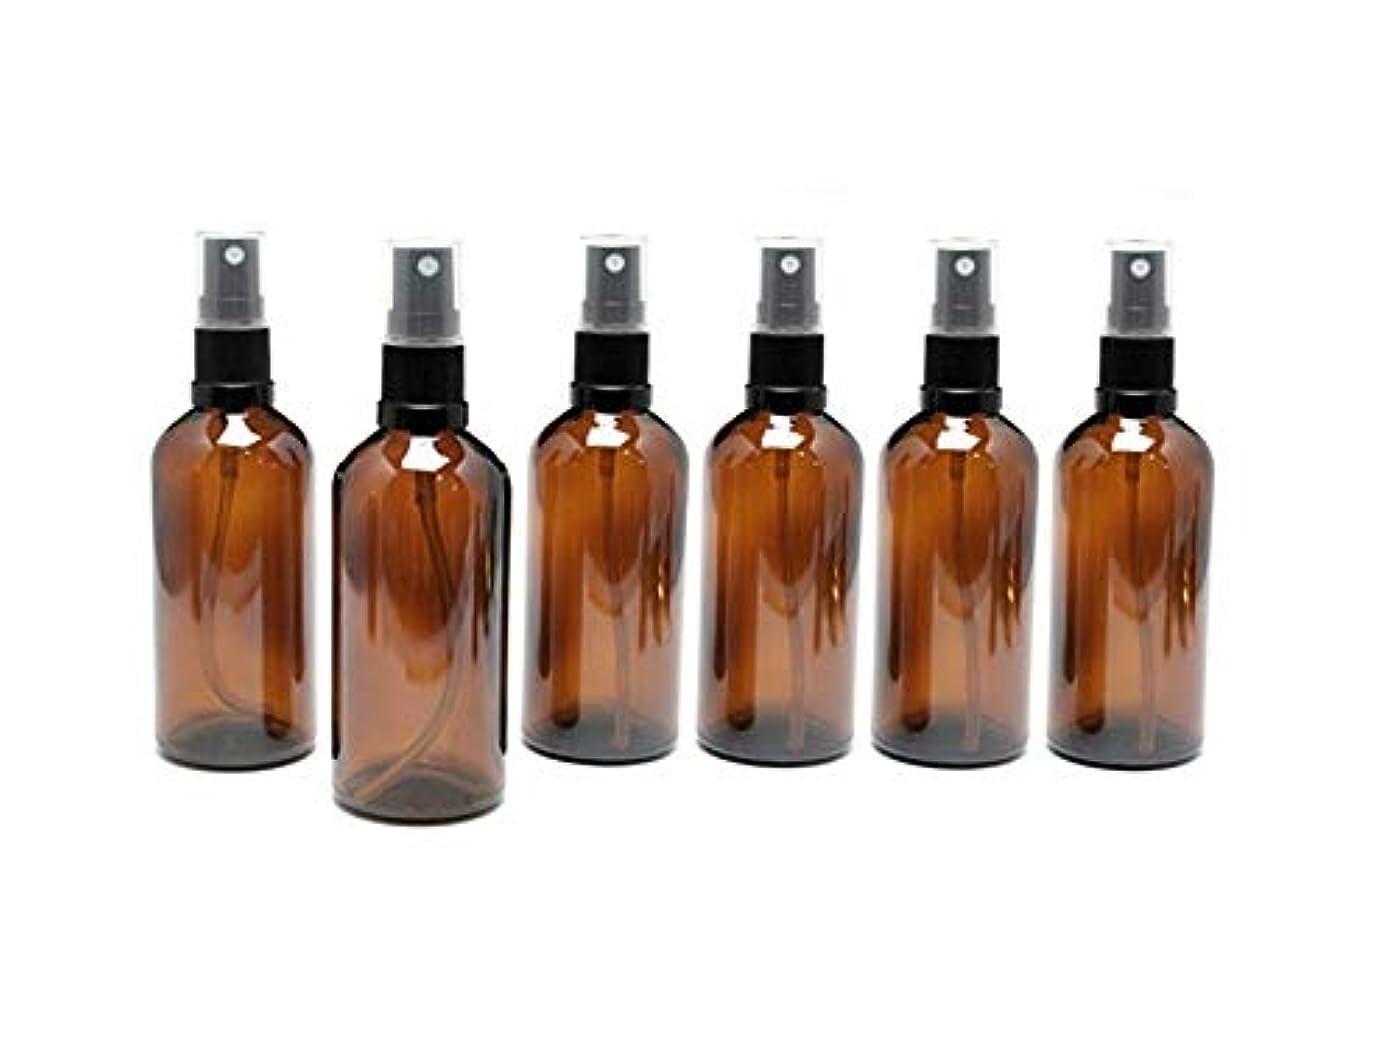 アッティカス乳剤規模遮光瓶 スプレーボトル 100ml アンバー/ブラックヘッド(グラス/アトマイザー) 【新品アウトレット商品 】 (2) 6本セット